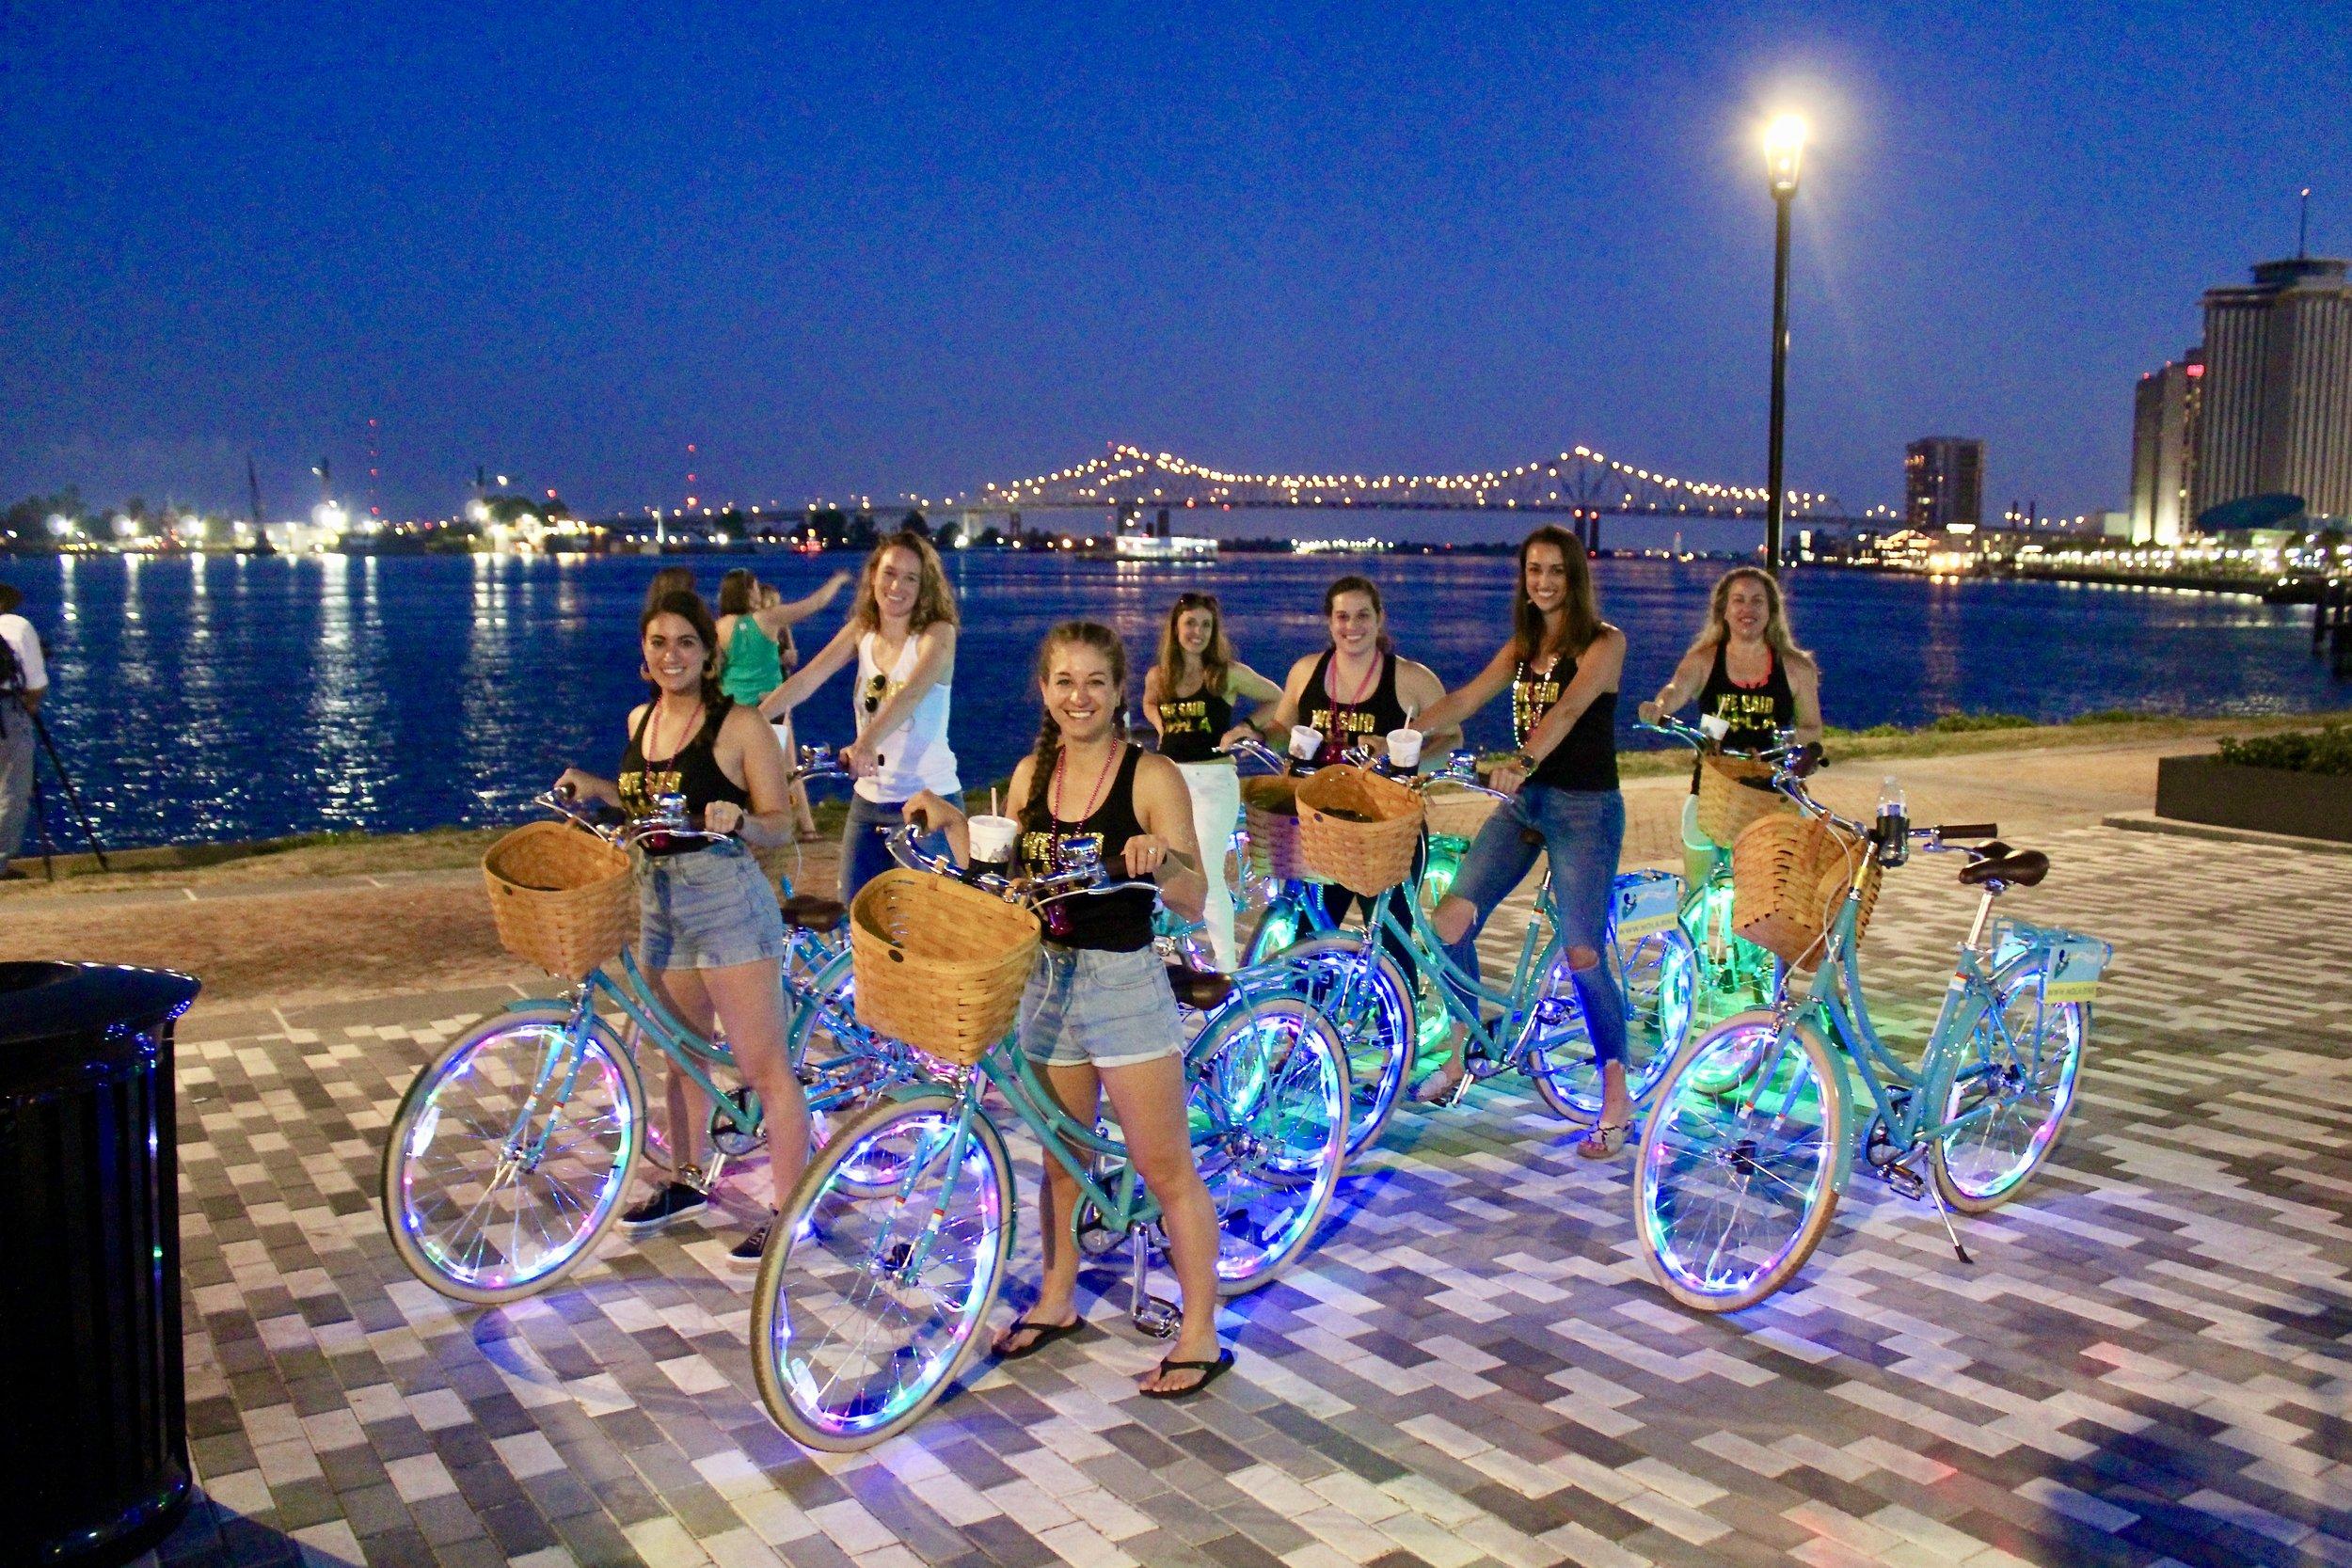 Nola Bike Lights